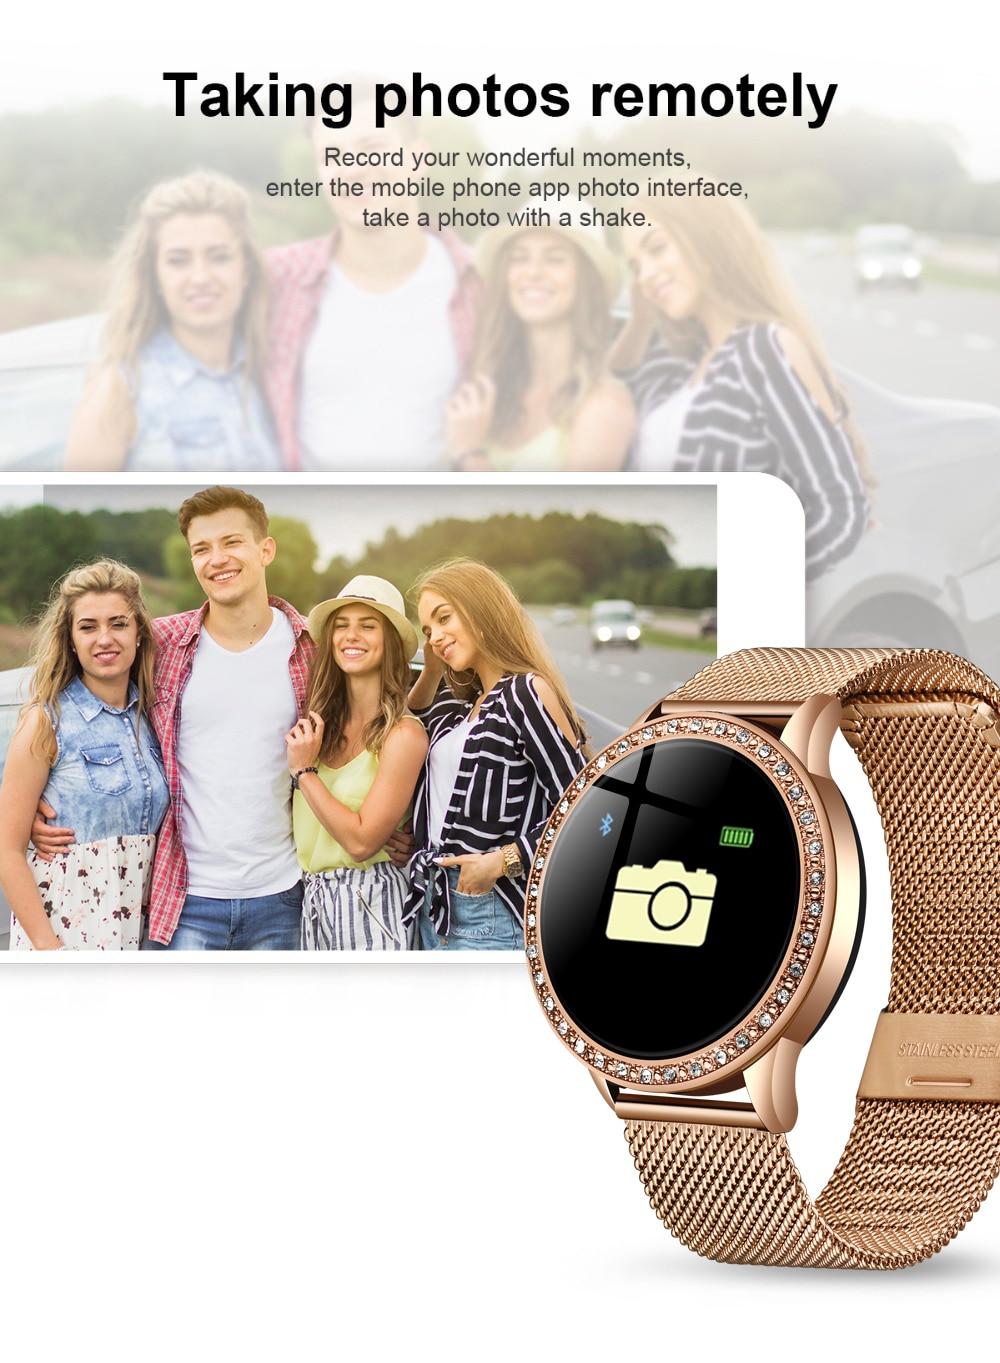 H8cbf644beaa1429cbf9f1fa9e897071dW LIGE 2020 New Smart Watch Women Men Heart Rate Blood Pressure Sport Multi-function Watch fitness tracker Fashion smartwatch+Box